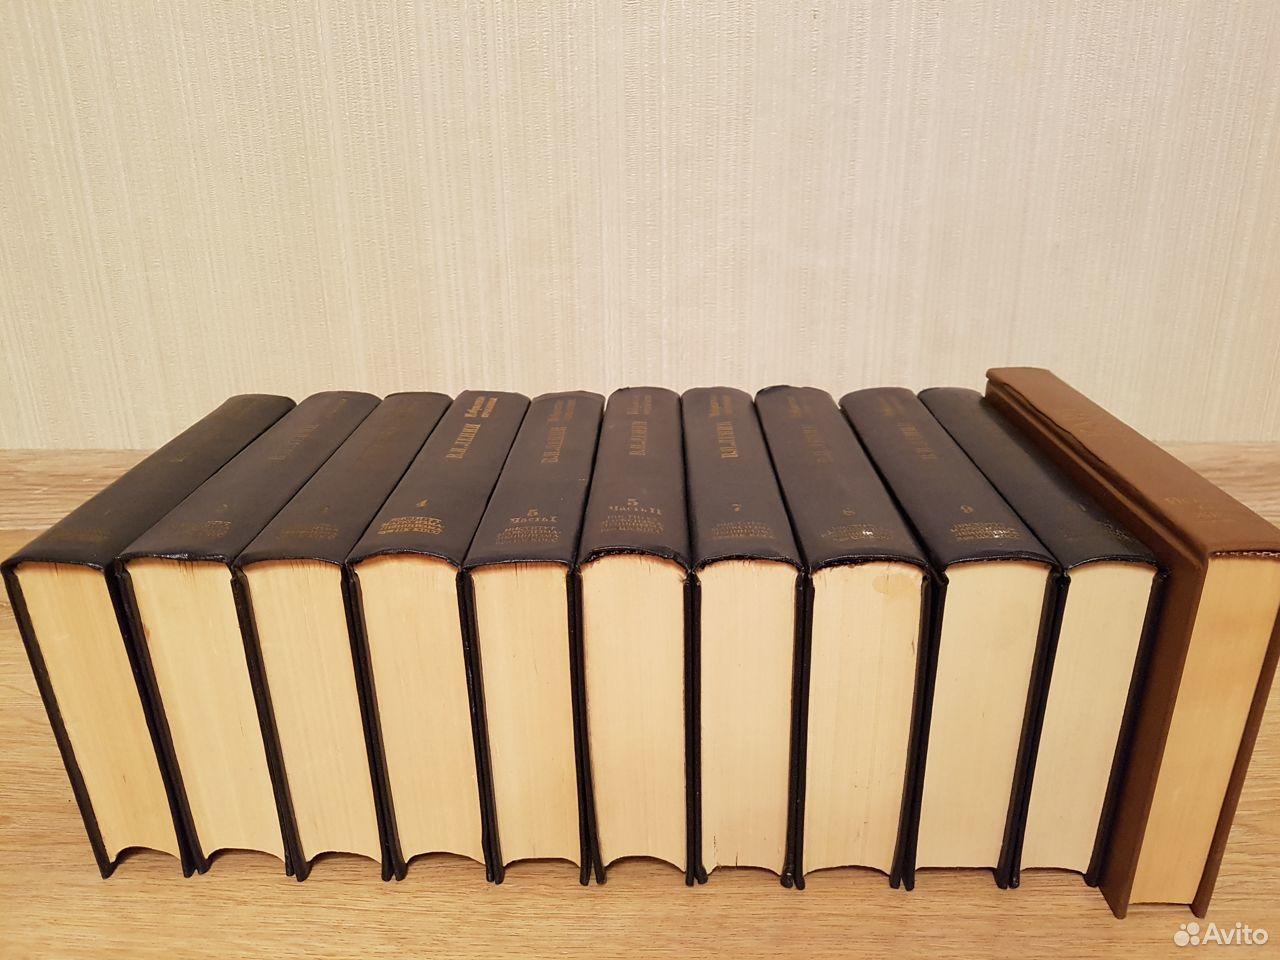 Собрание сочинений В.И.Ленина (10 томов)  89533216060 купить 4